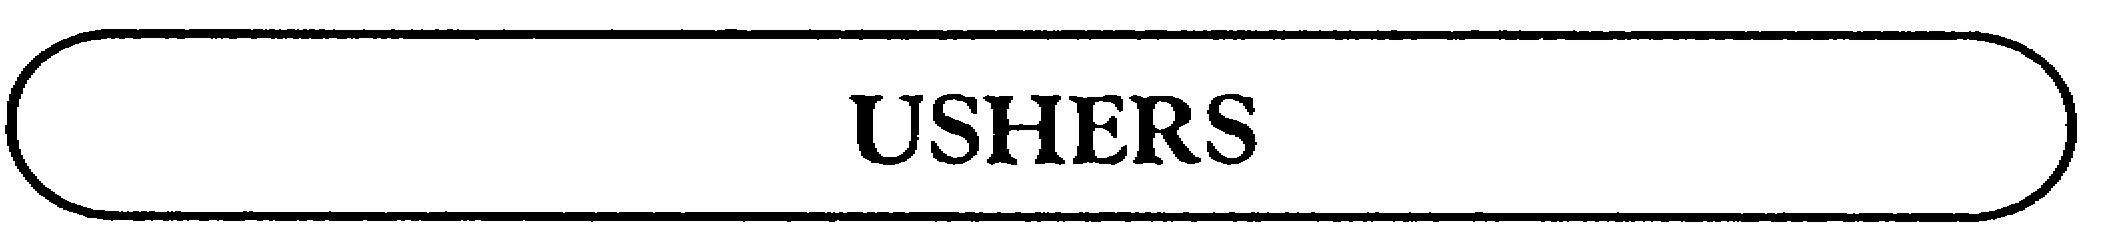 Ushers_1